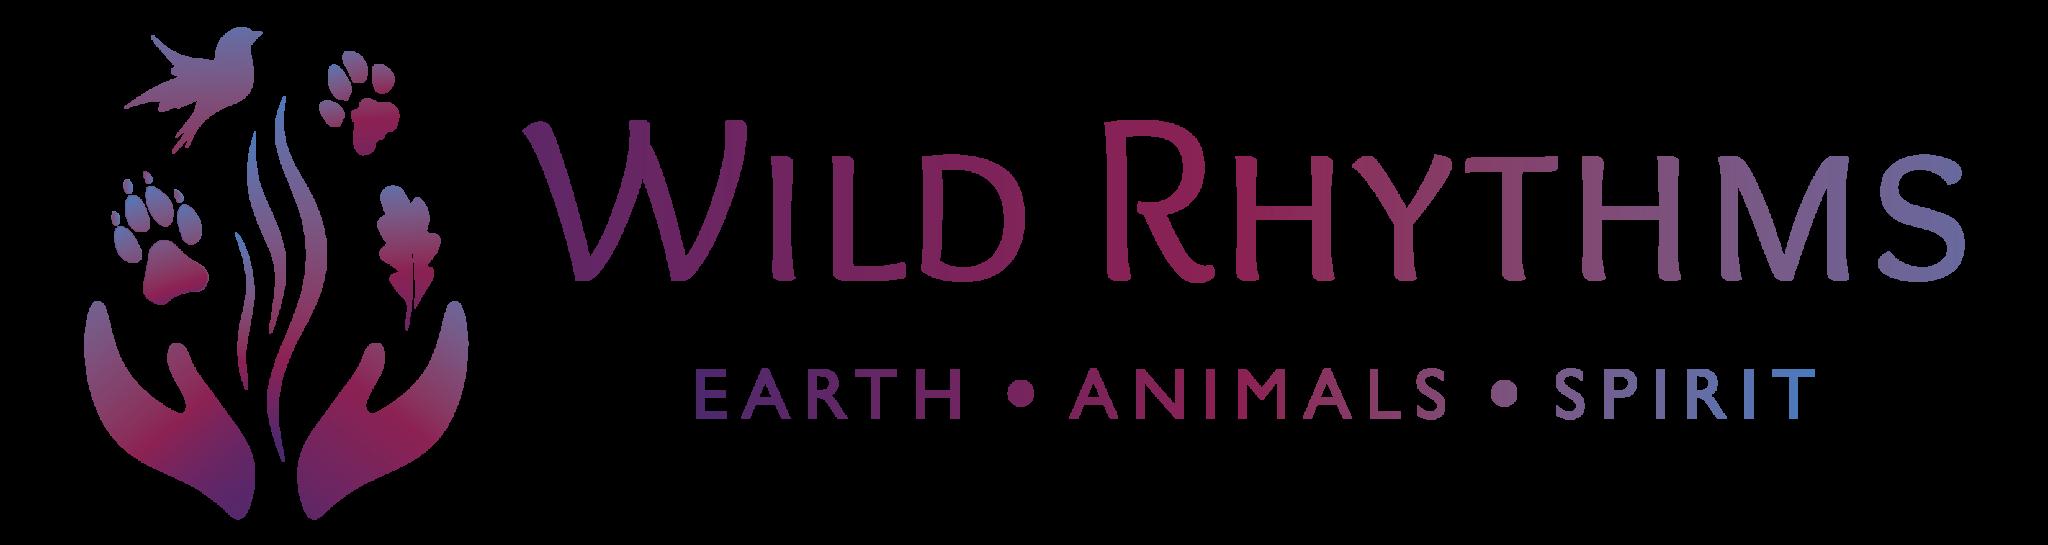 Wild Rhythms